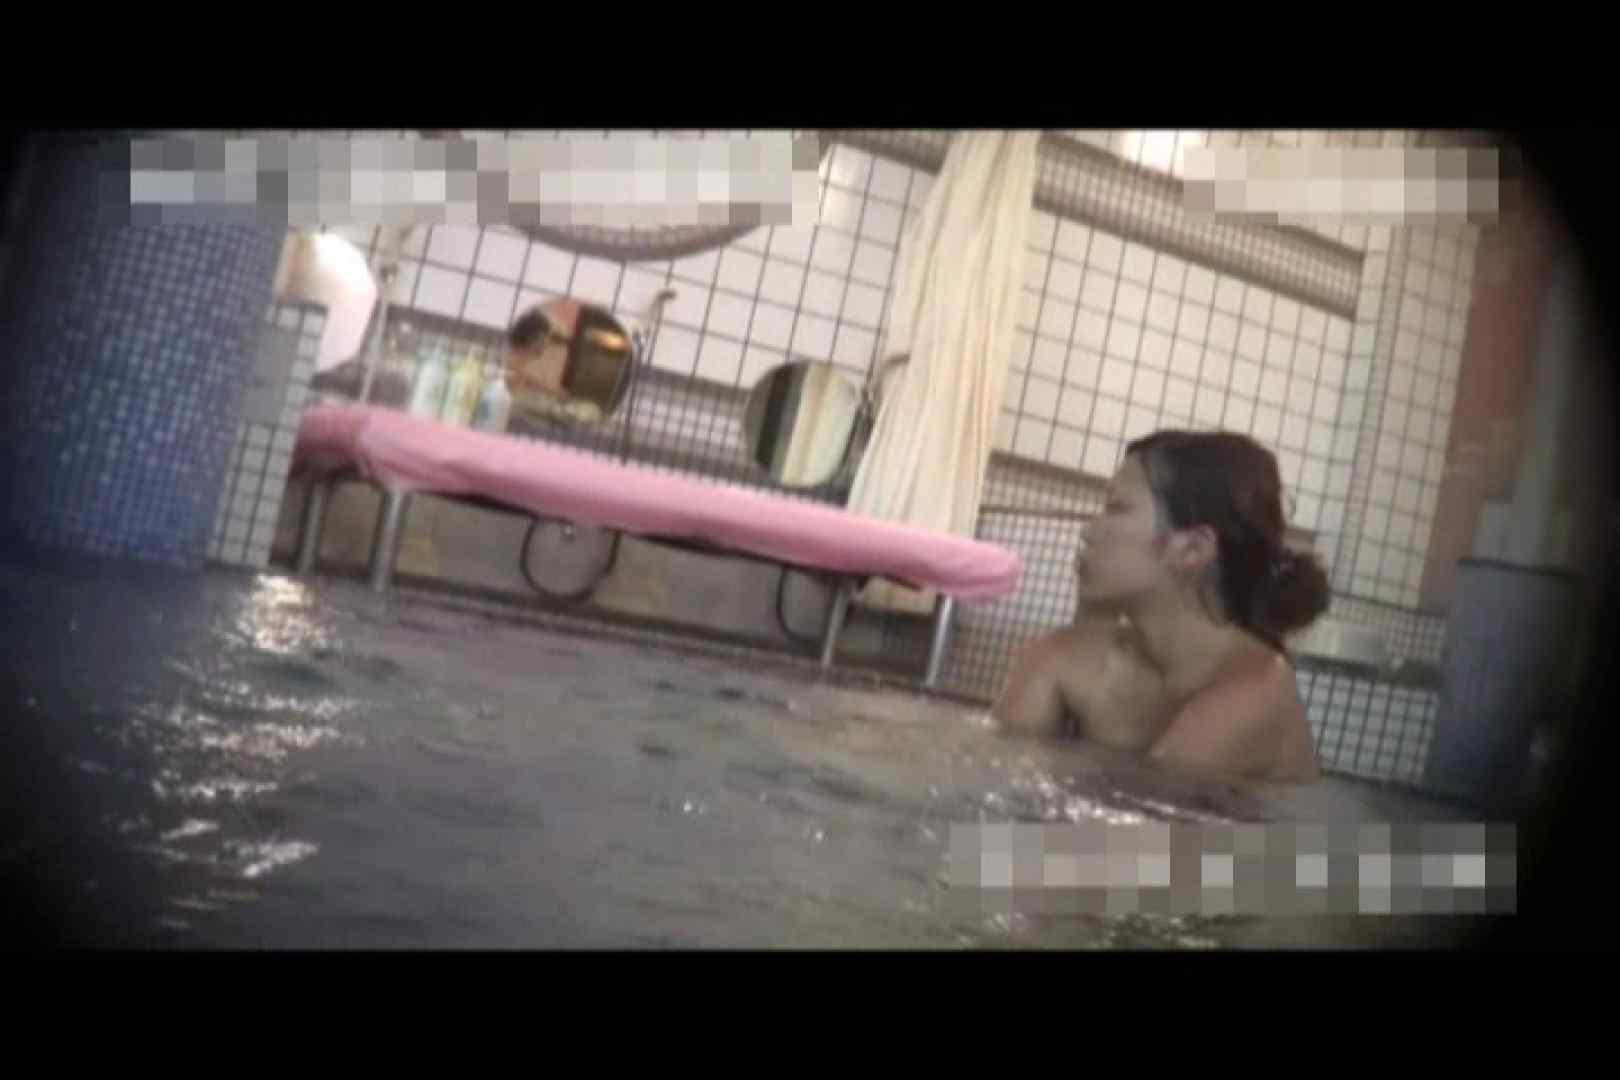 未熟な珊瑚礁 vol.18 盗撮動画 盗撮動画紹介 9枚 8